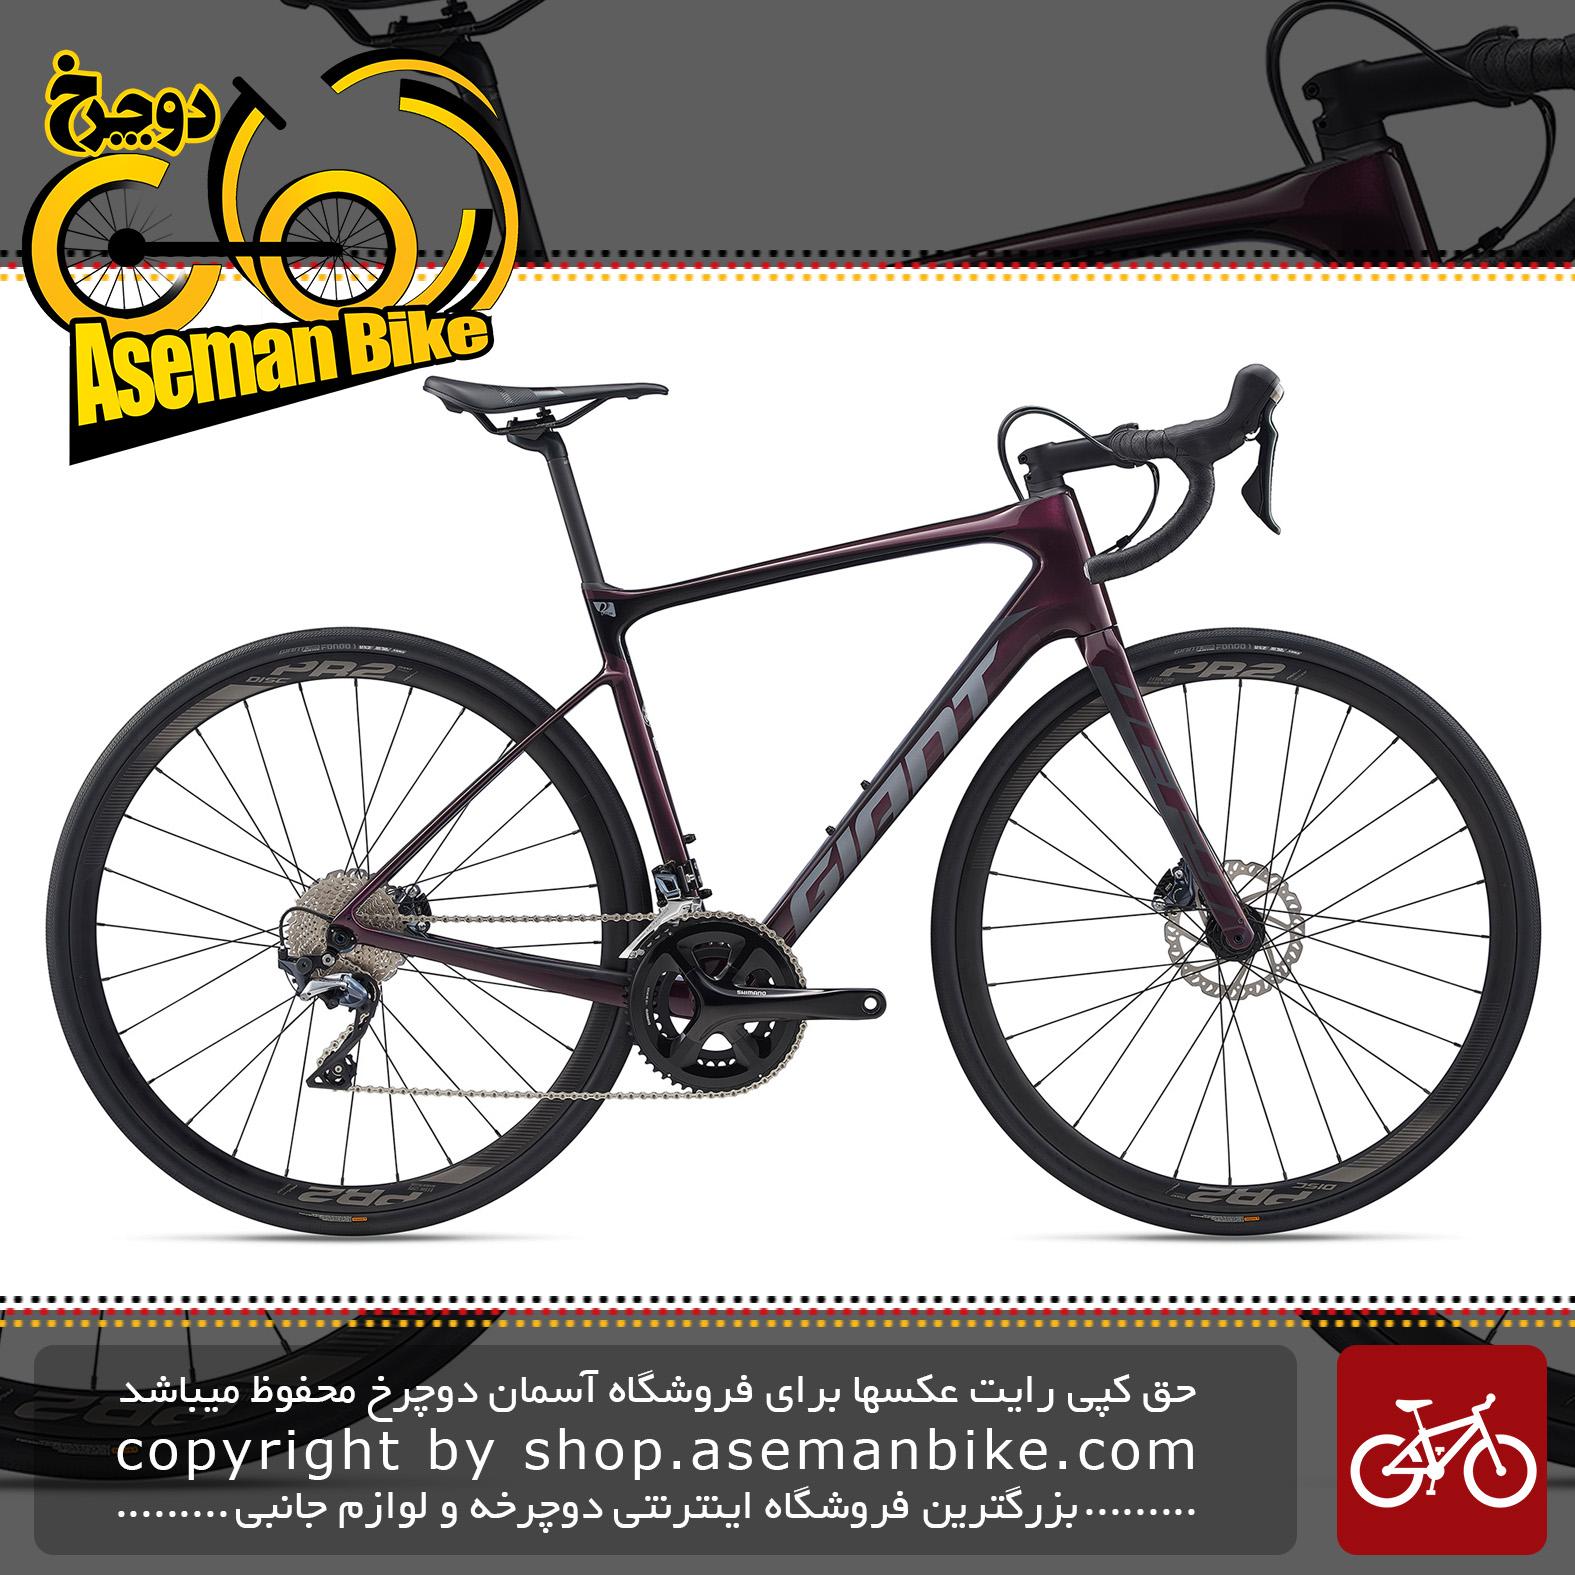 دوچرخه کورسی جاده جاینت مدل دیفای ادونس 1 2020 Giant Road Bicycle Defy Advanced 1 2020